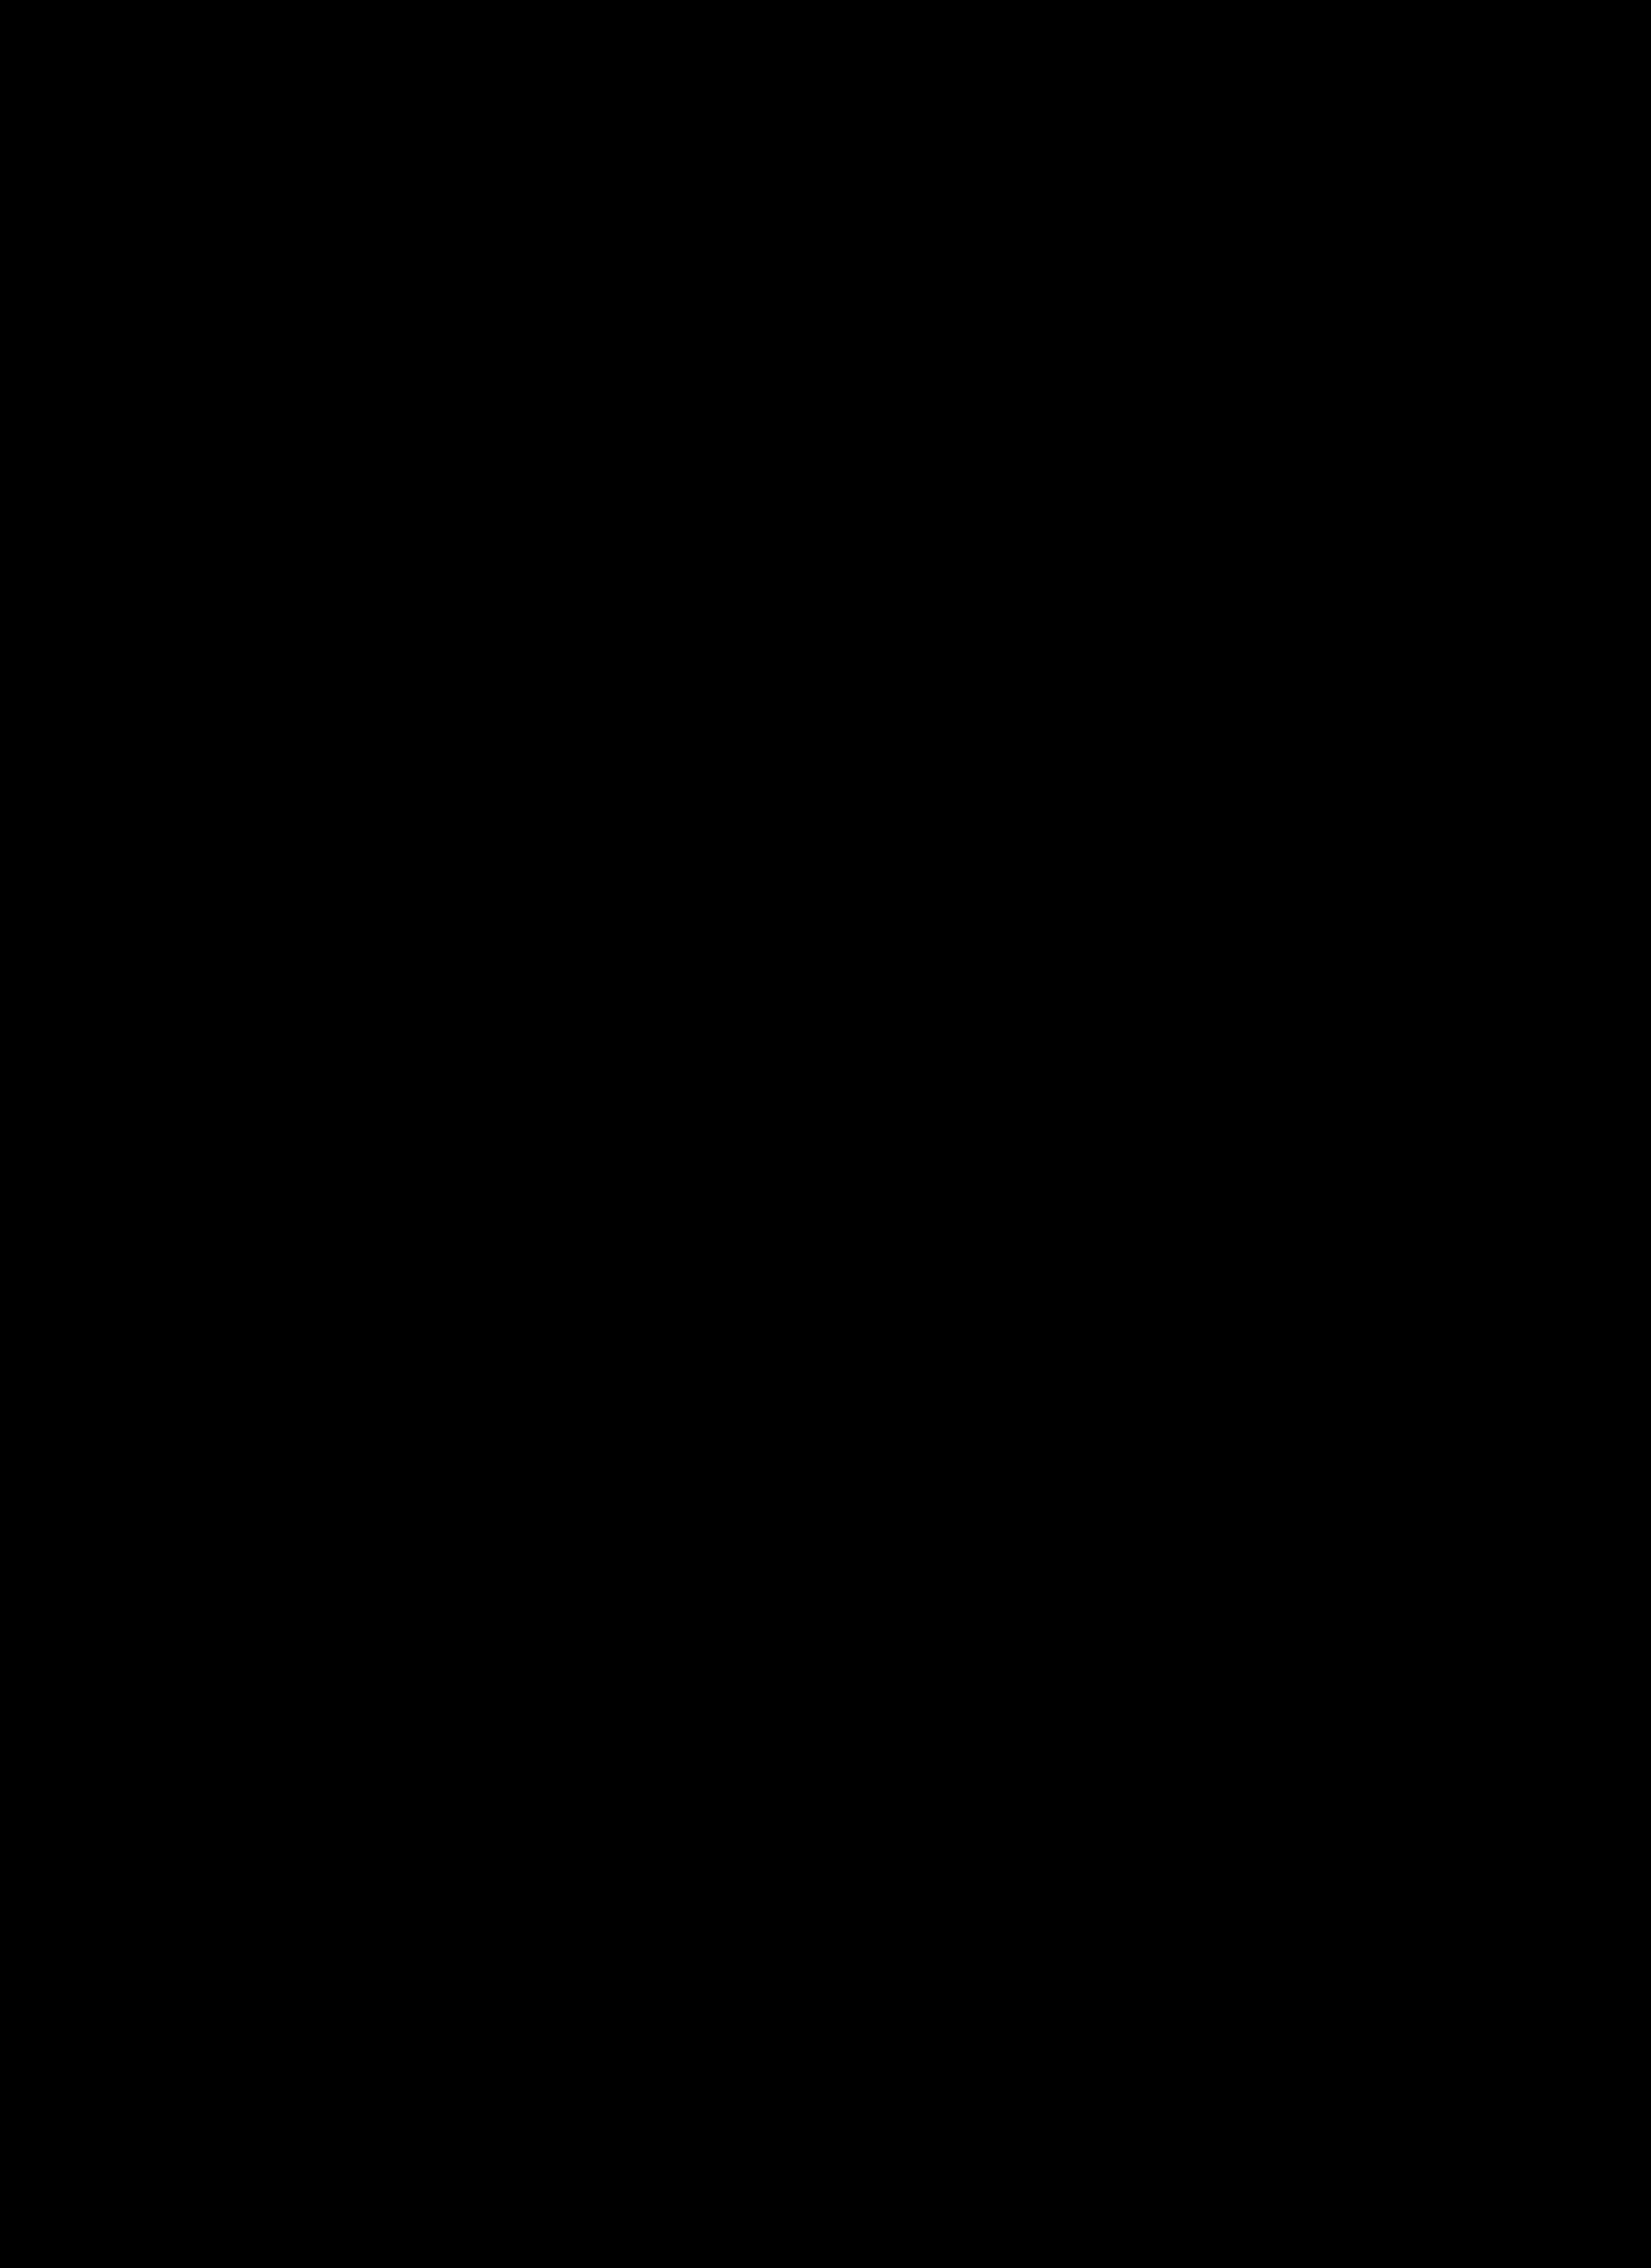 """""""عمان العربية"""" تعلن عن ٤٠٠-منحة للمتفوقين في الثانوية العامة"""